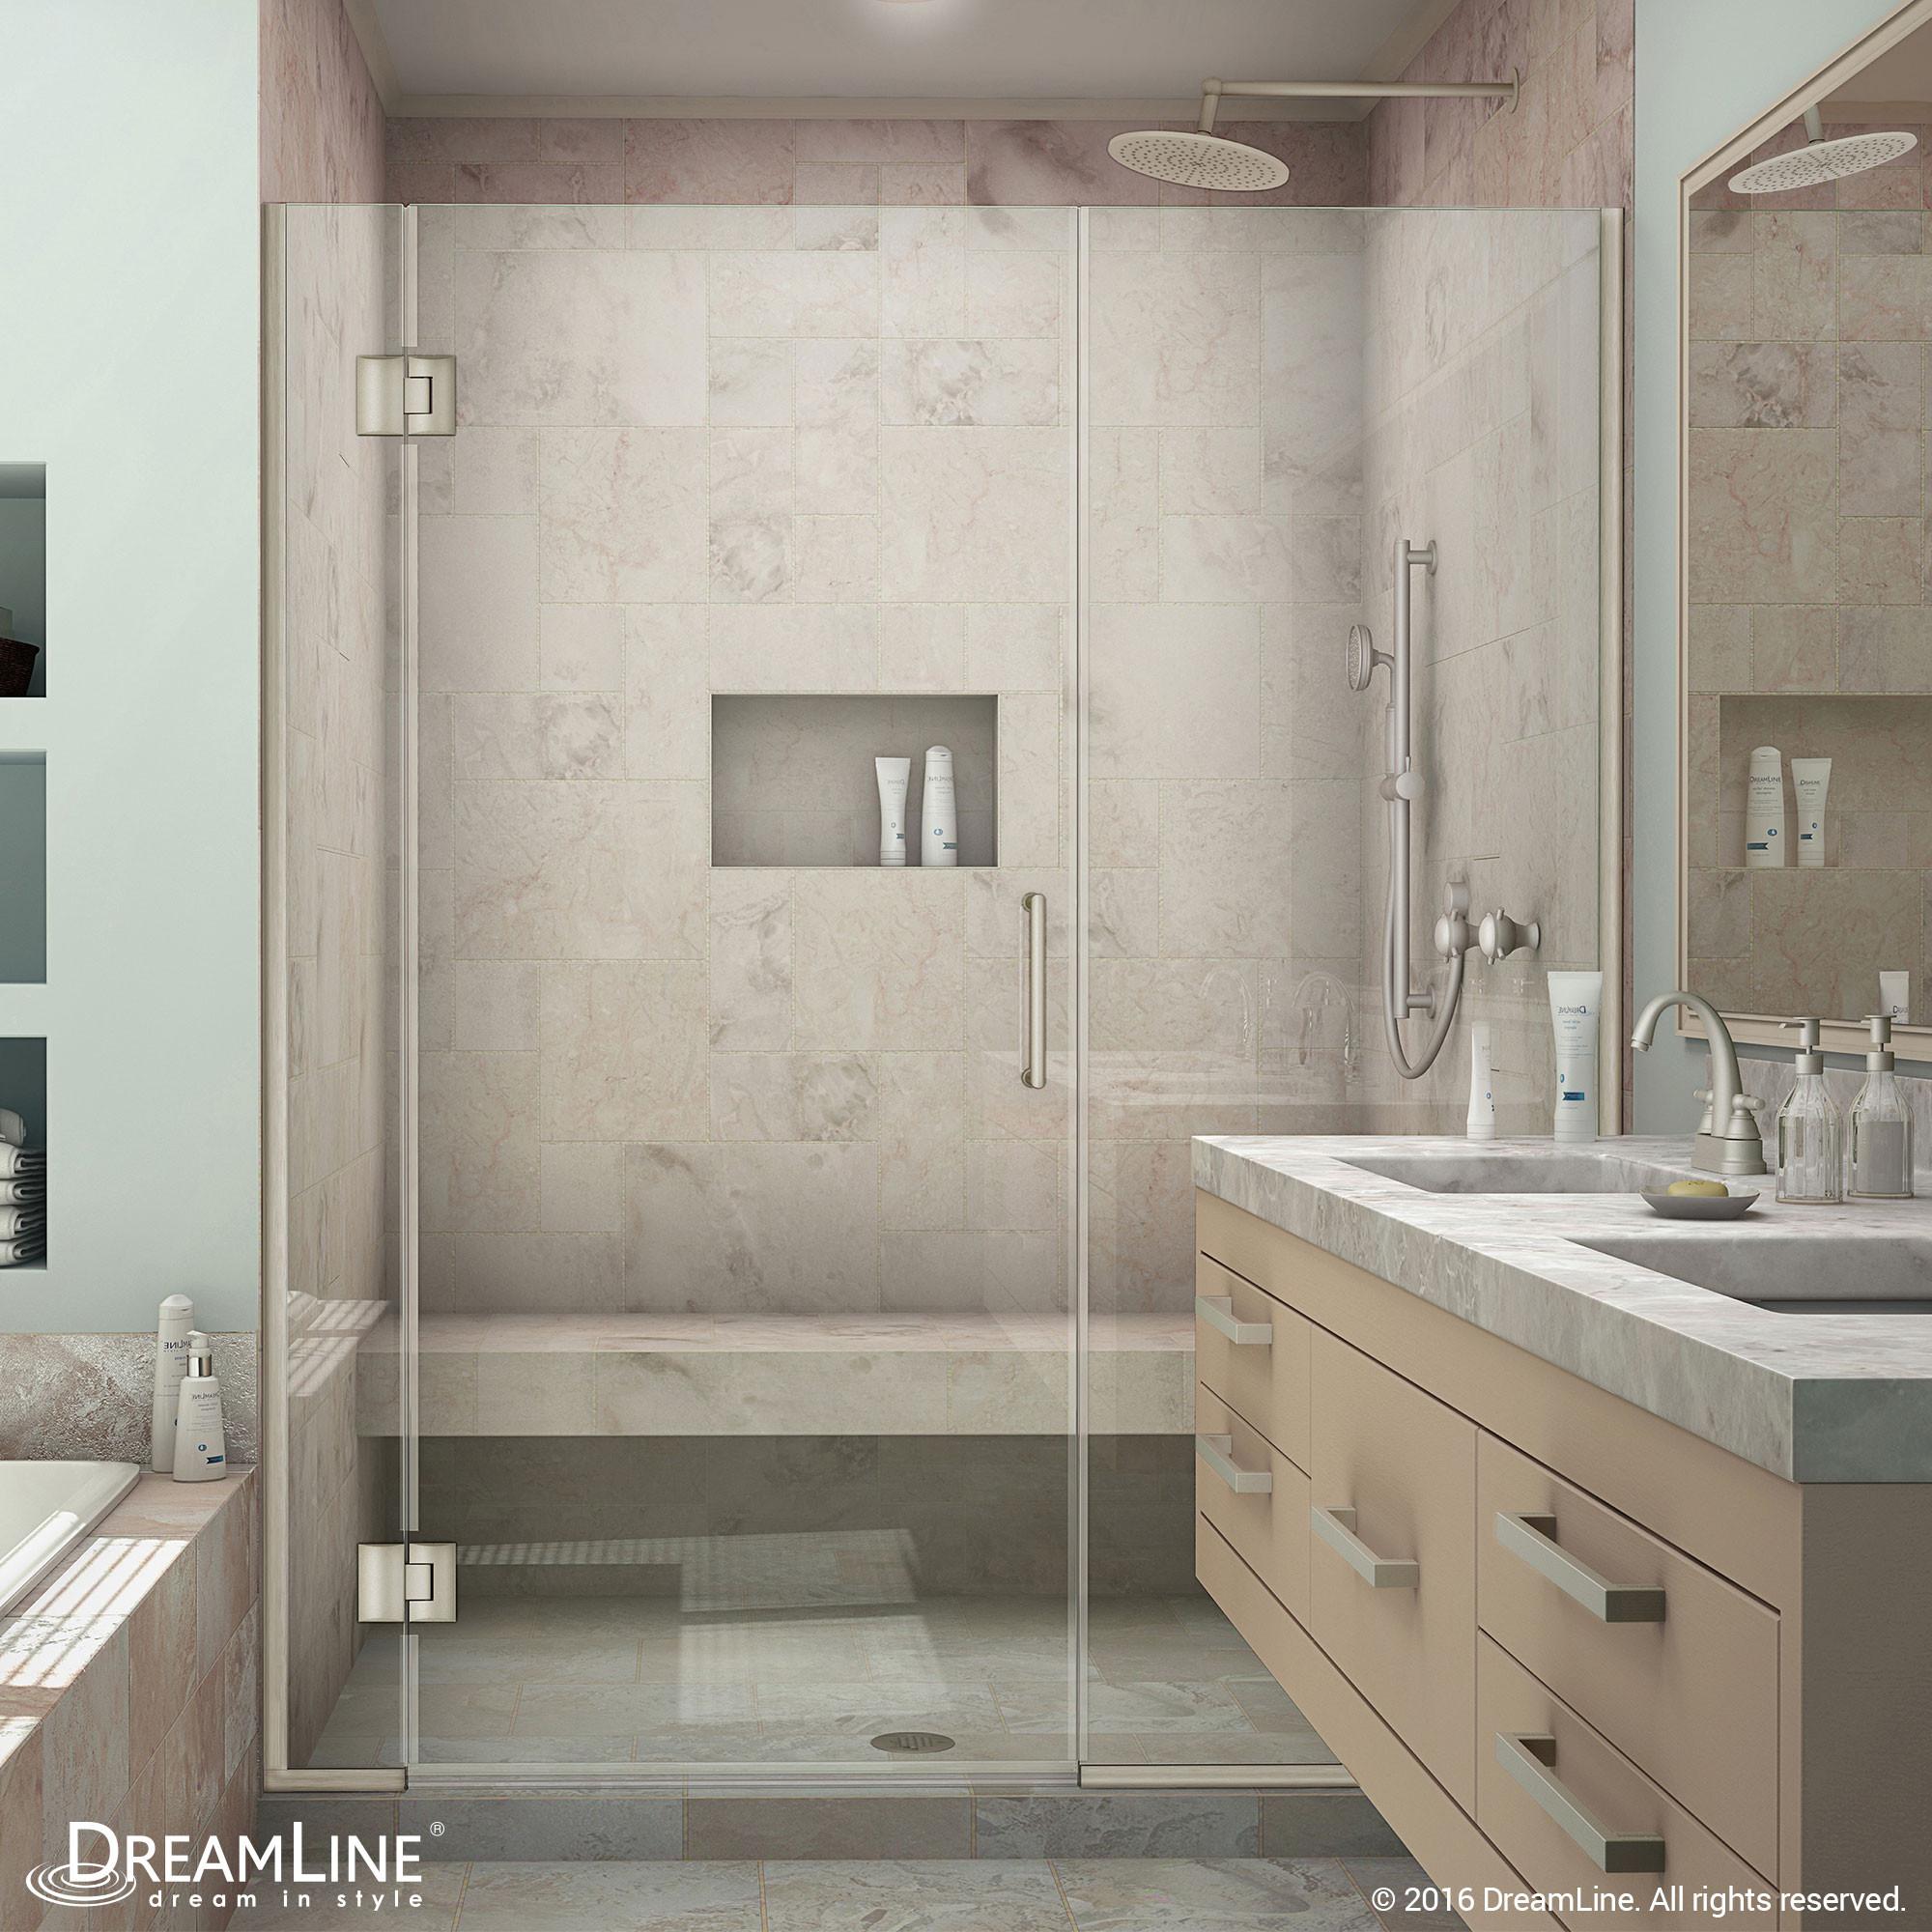 DreamLine D1252272-04 Unidoor-X 53 - 53 1/2 in. W x 72 in. H Hinged Shower Door in Brushed Nickel